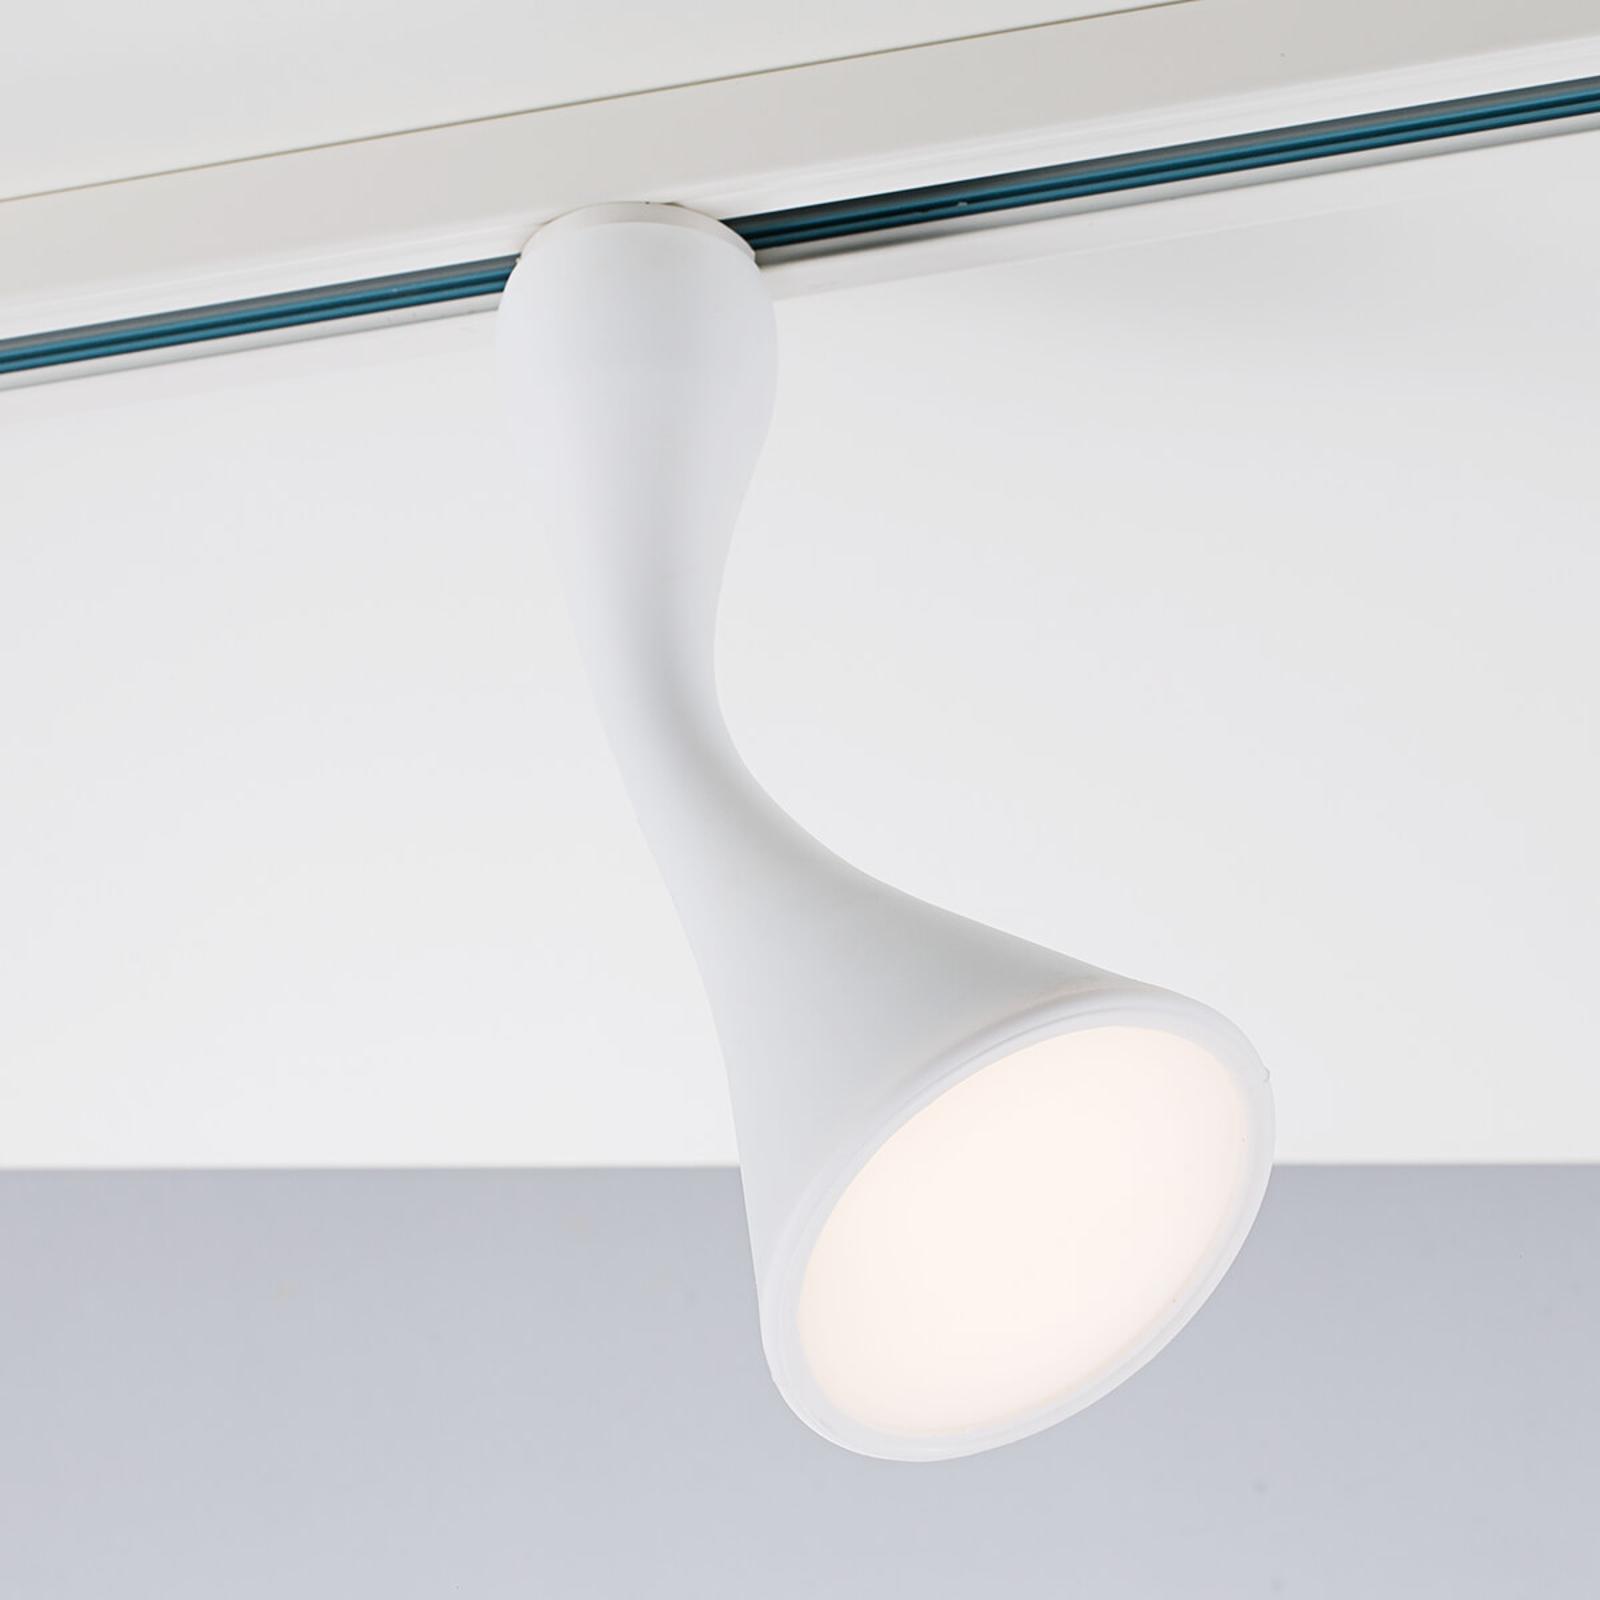 Trendiger LED spot Bendy v. 1-fase-rail Link